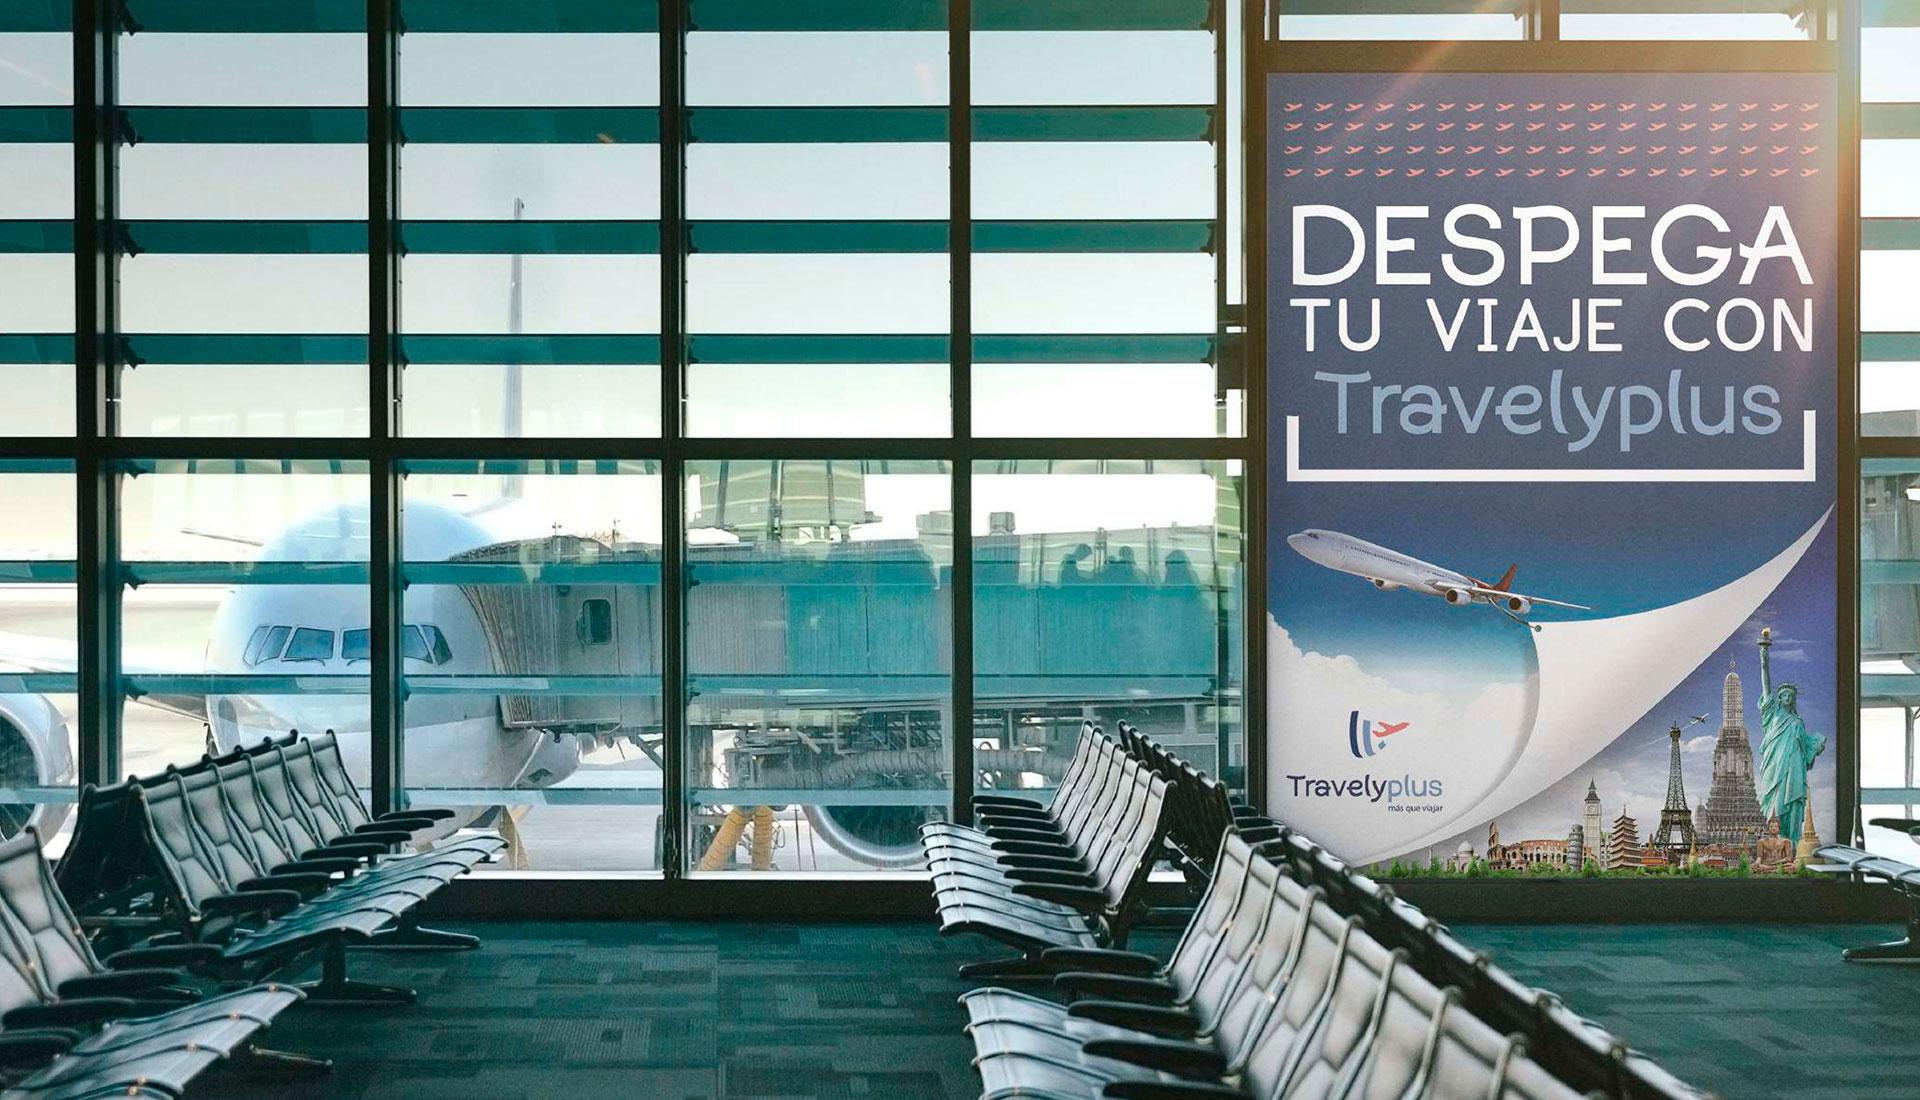 agencia-publicidad-identidad-corporativa-branding-marketing-agencia-viajes-valencia-09